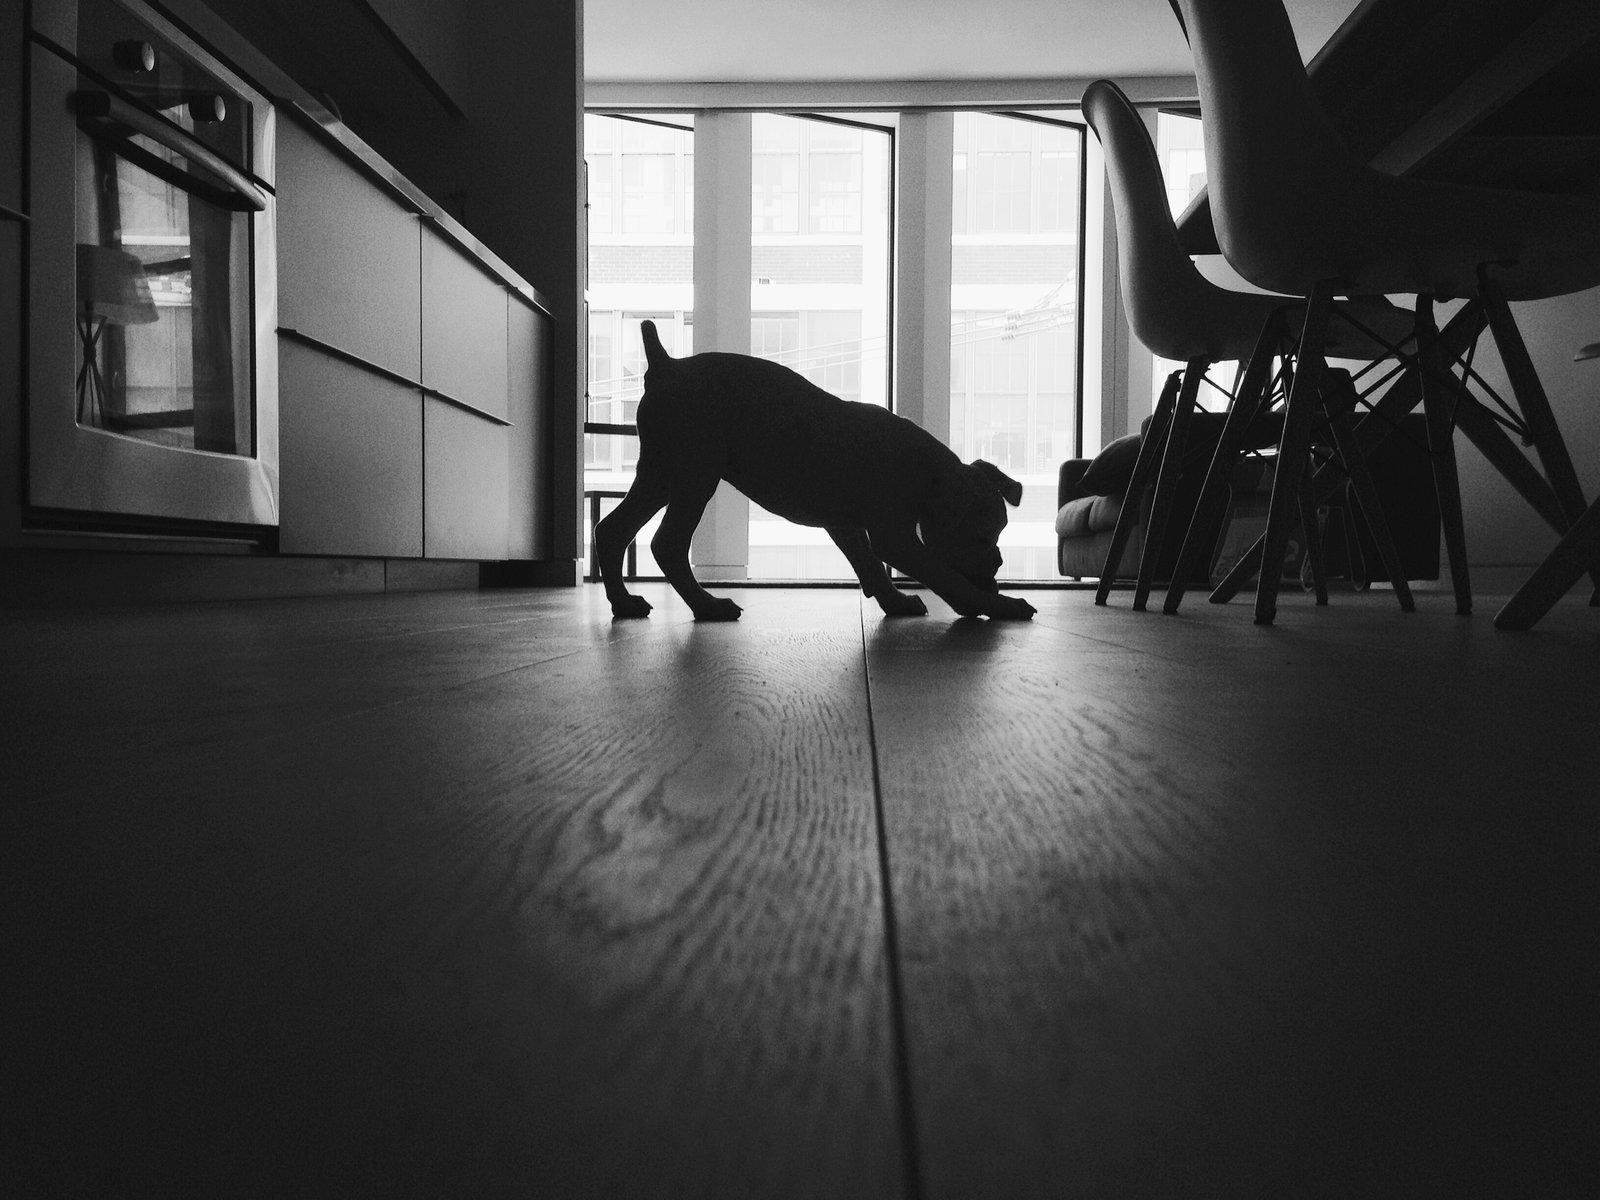 Dogs on Dwell:  My Modern Boxer Tofu by Nikki Janda